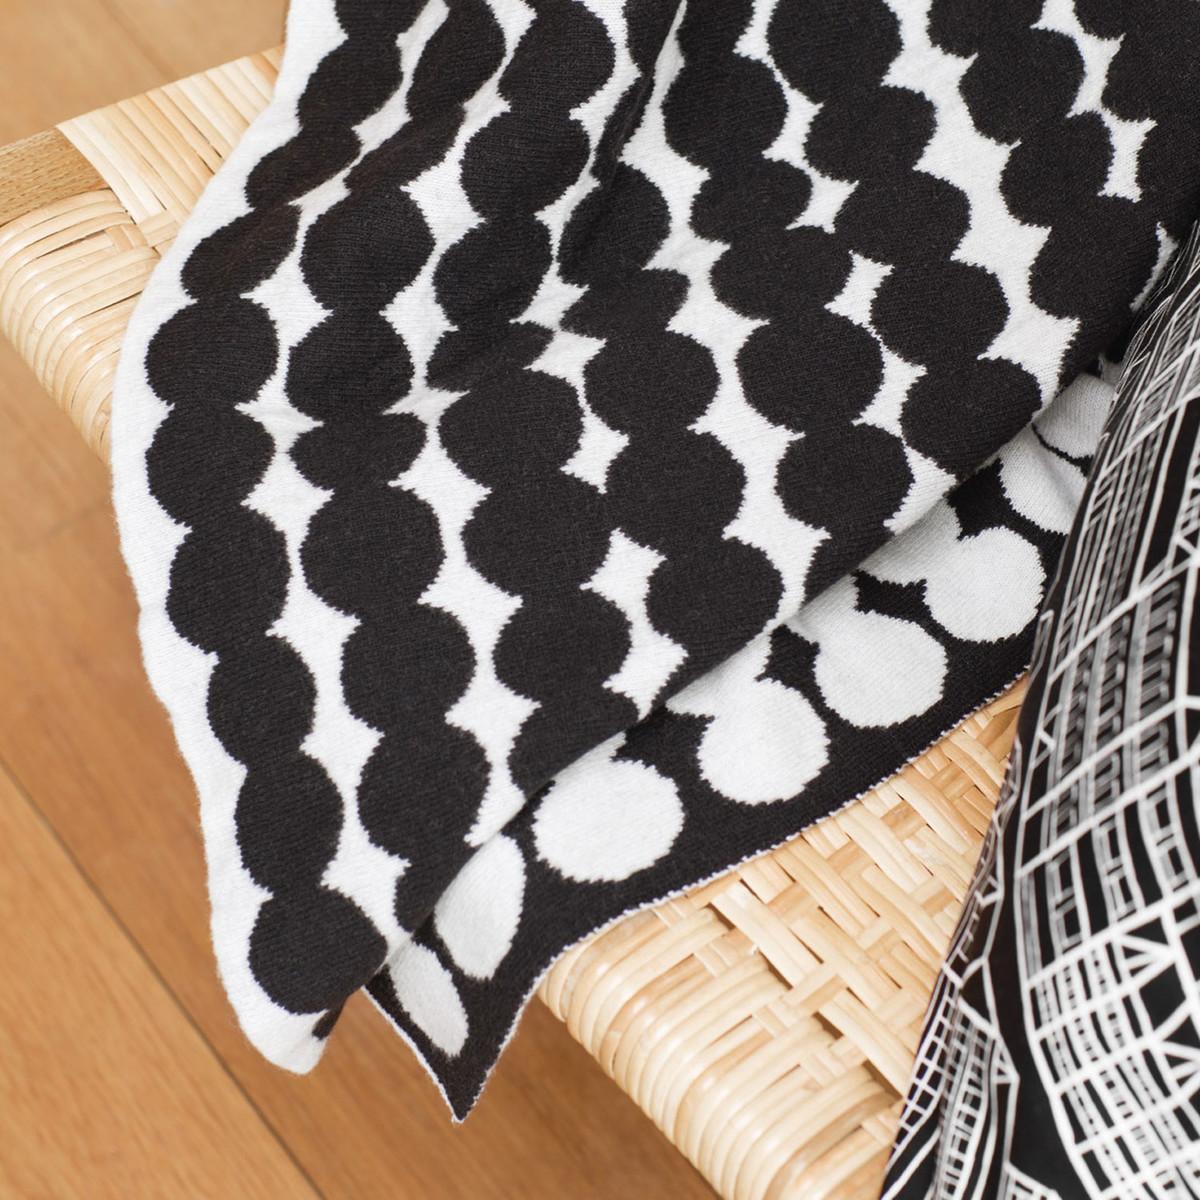 Marimekko-Raesymatto-Decke-Ambiente